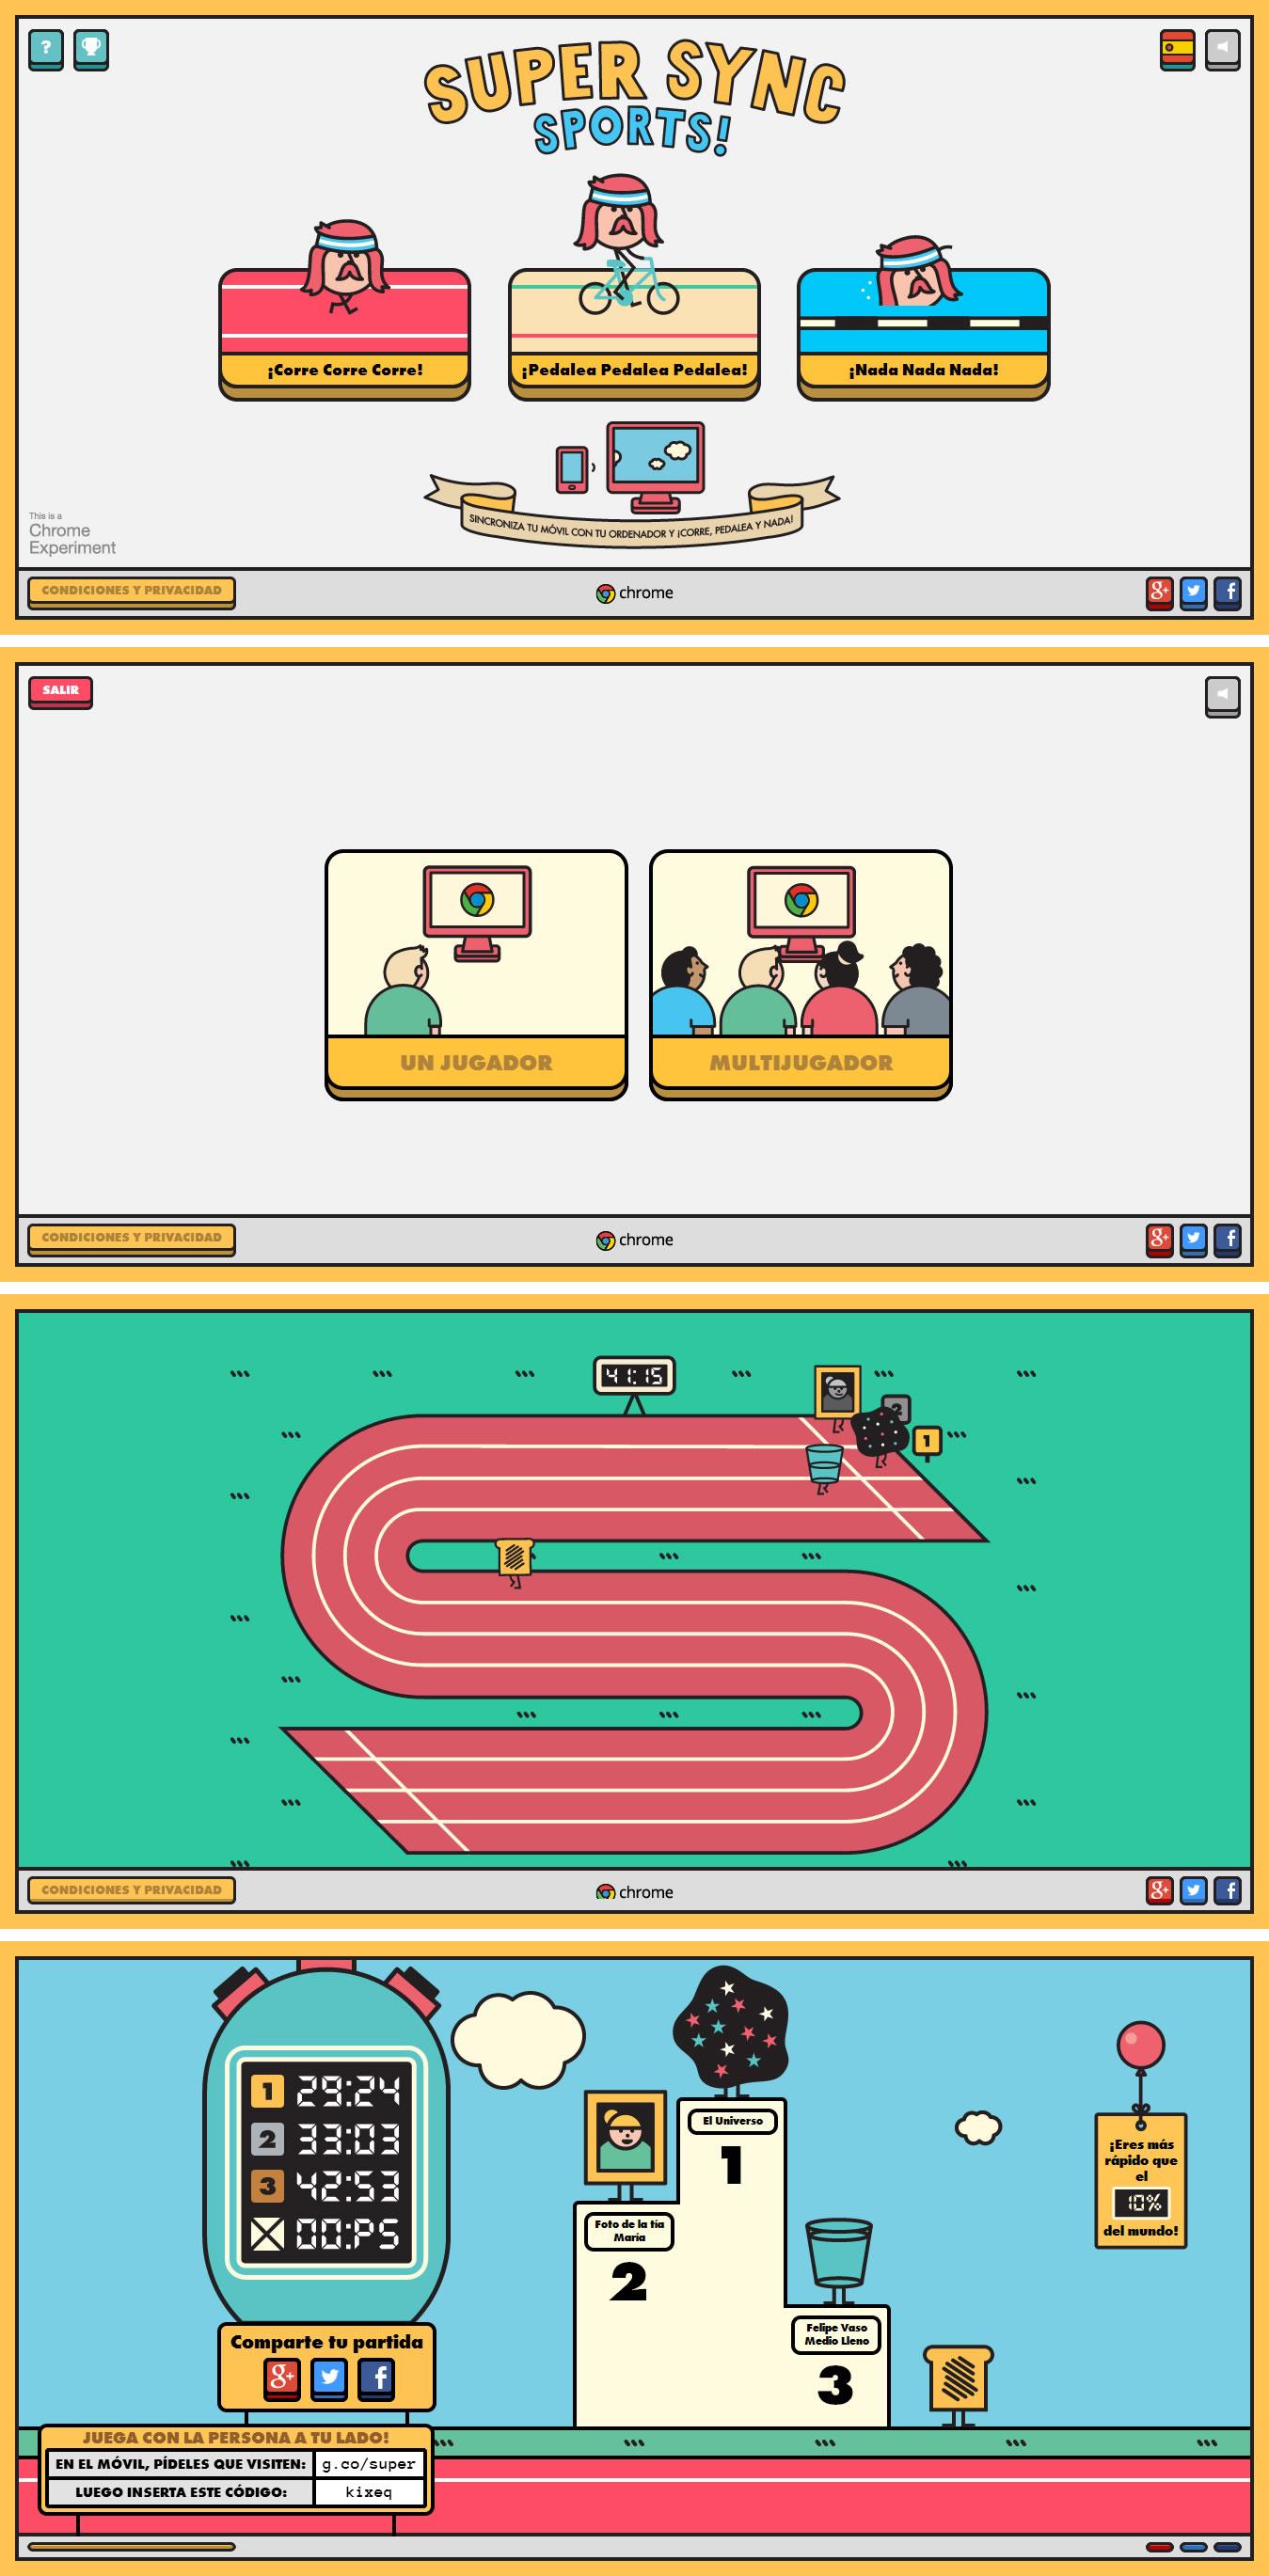 Chrome Super Sync sports, una app web para competir desde el teléfono